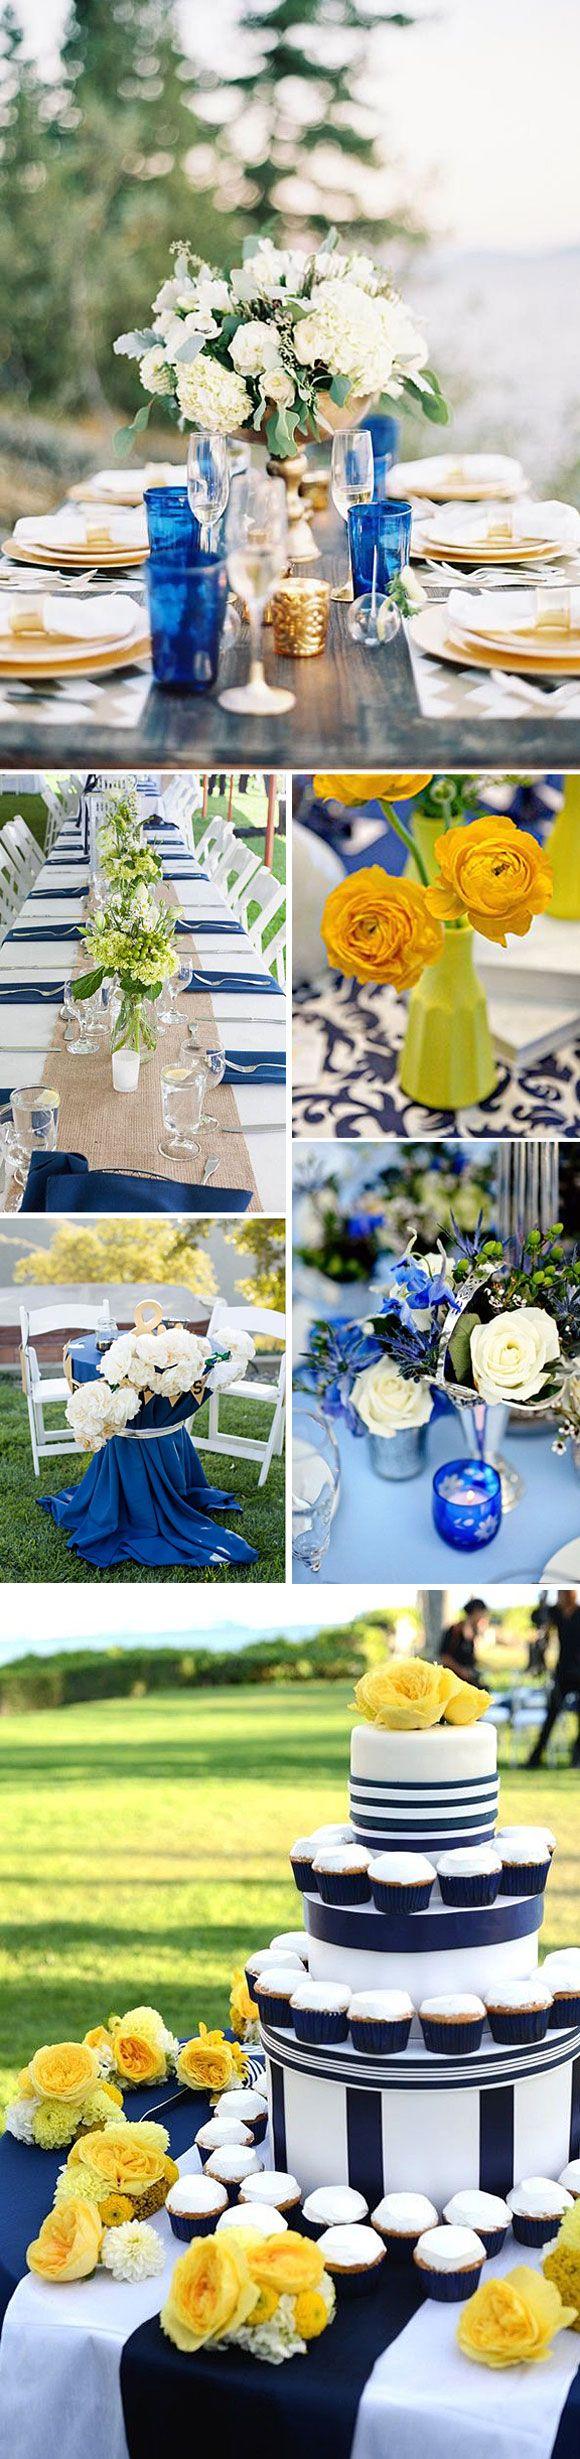 Decoración de bodas y eventos en azul – un color muy chic!